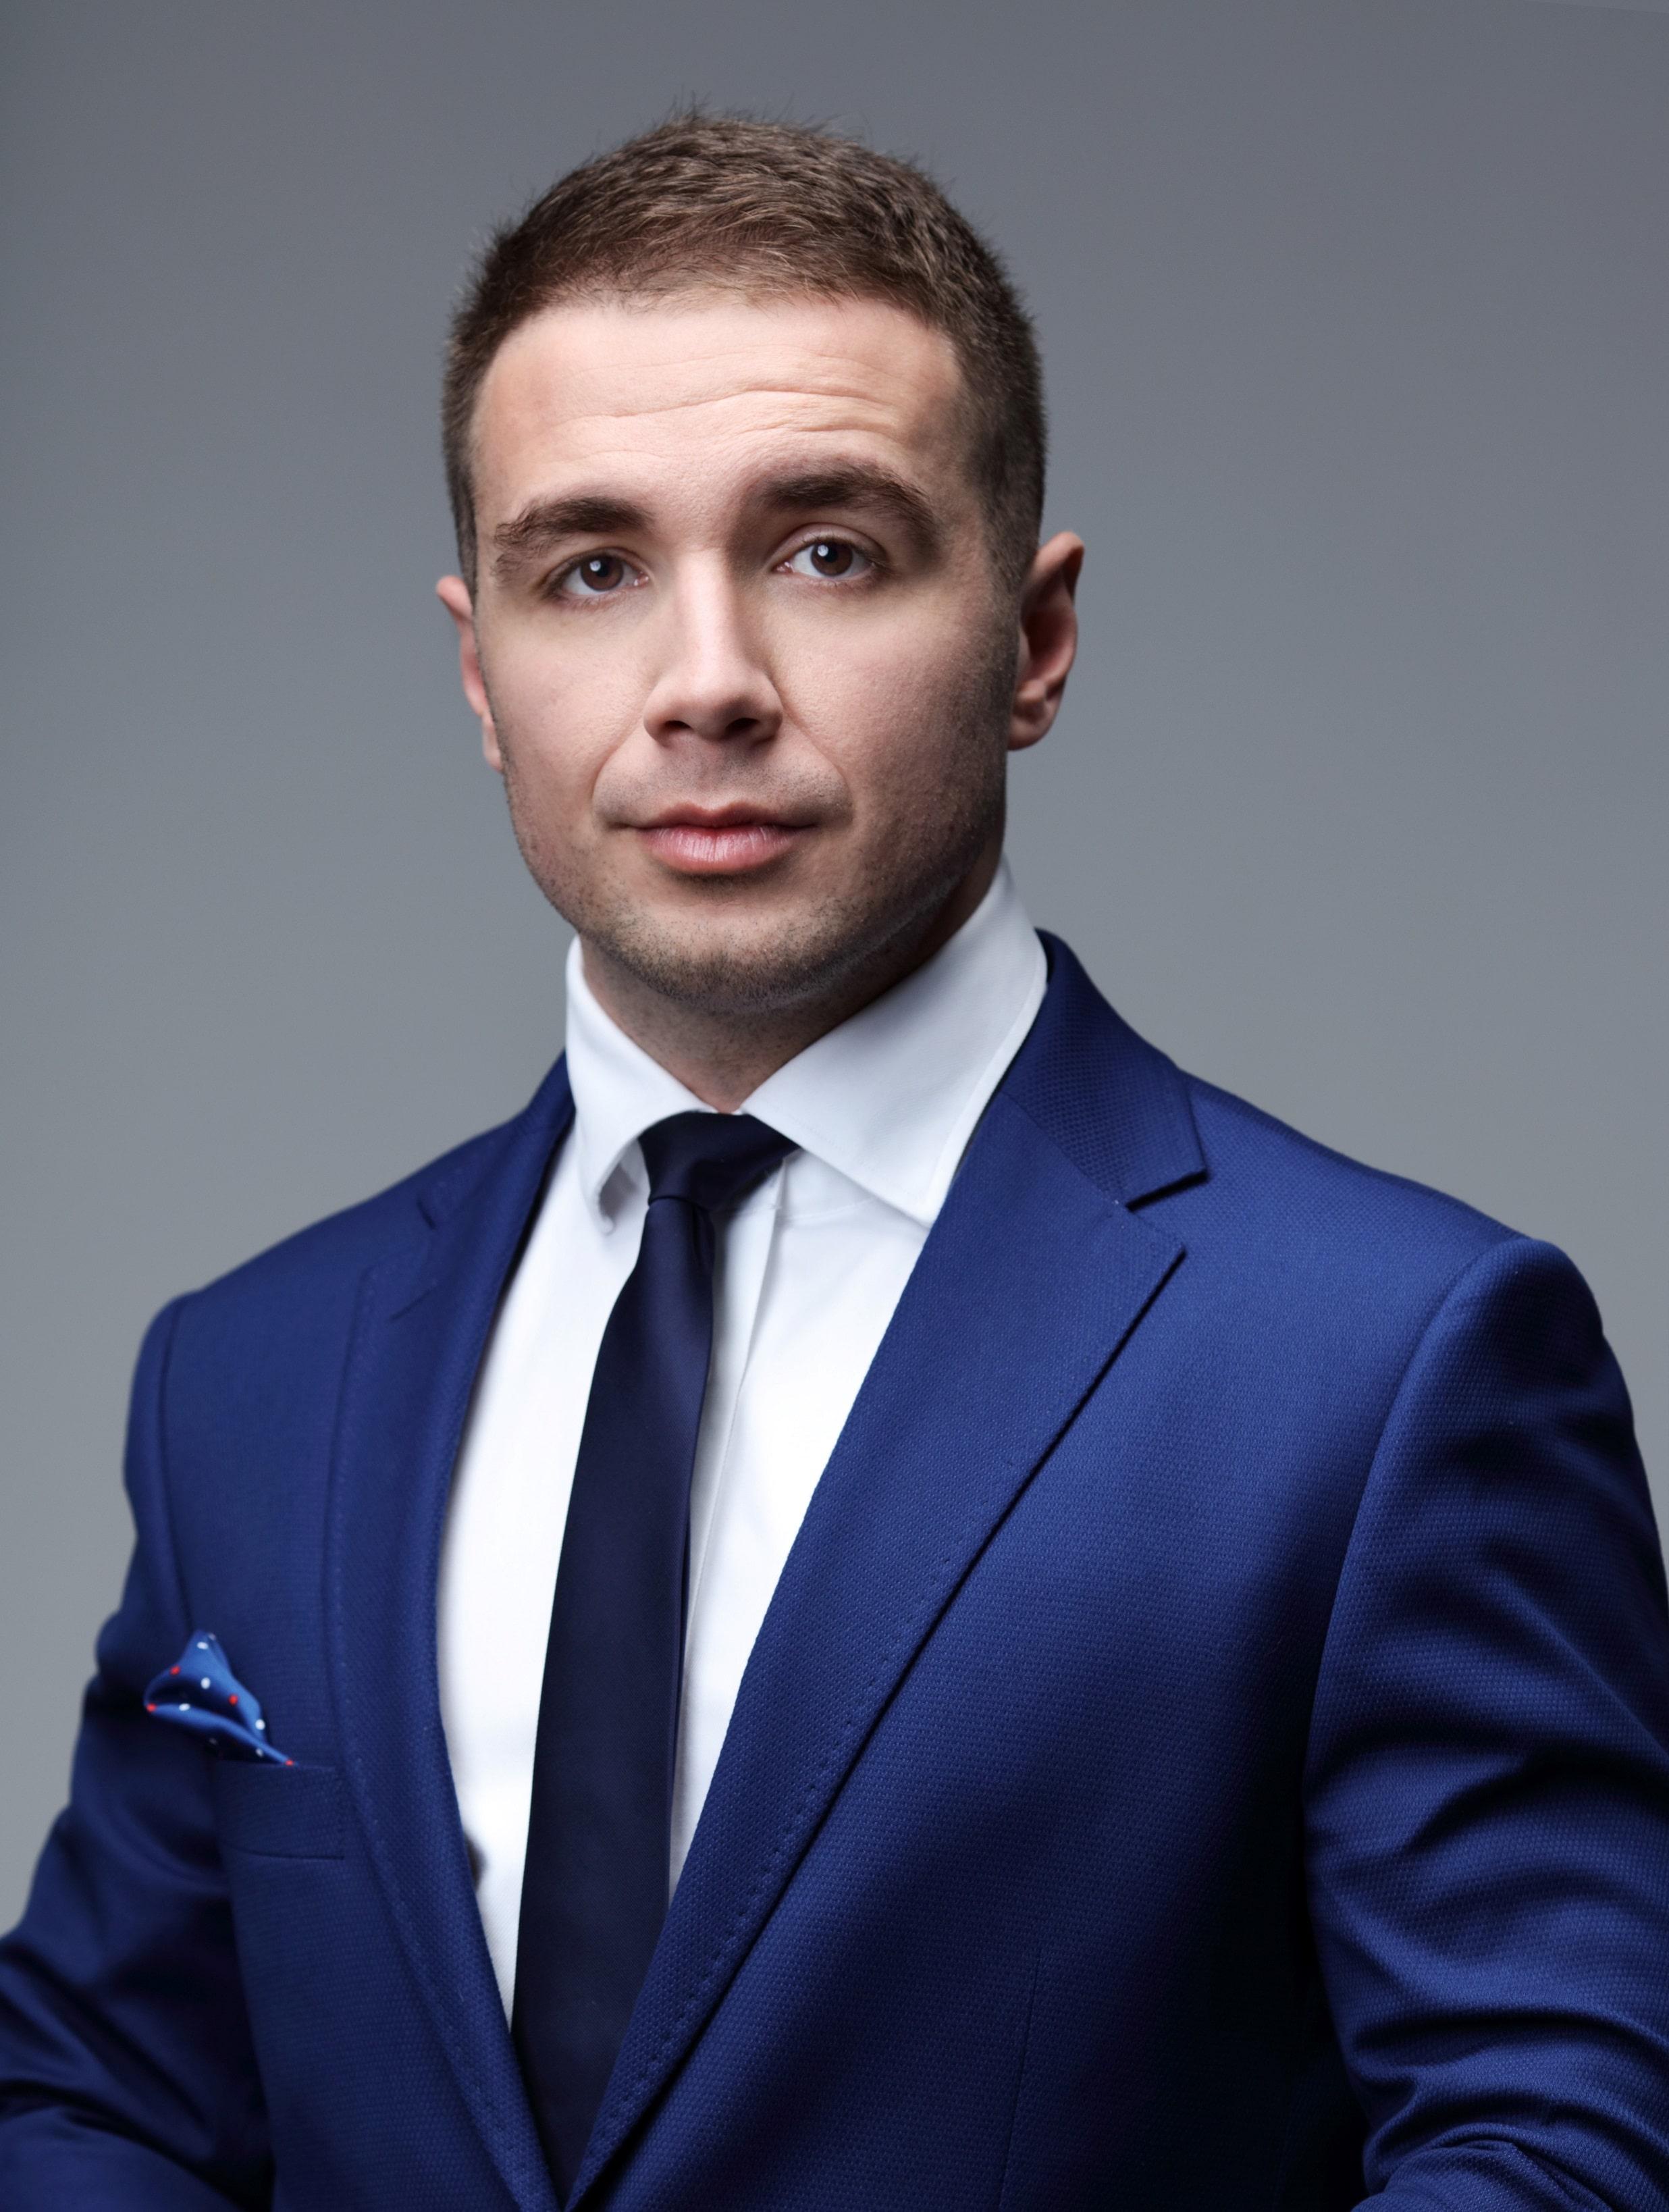 Michael Karczewski, Match-Trade's COO